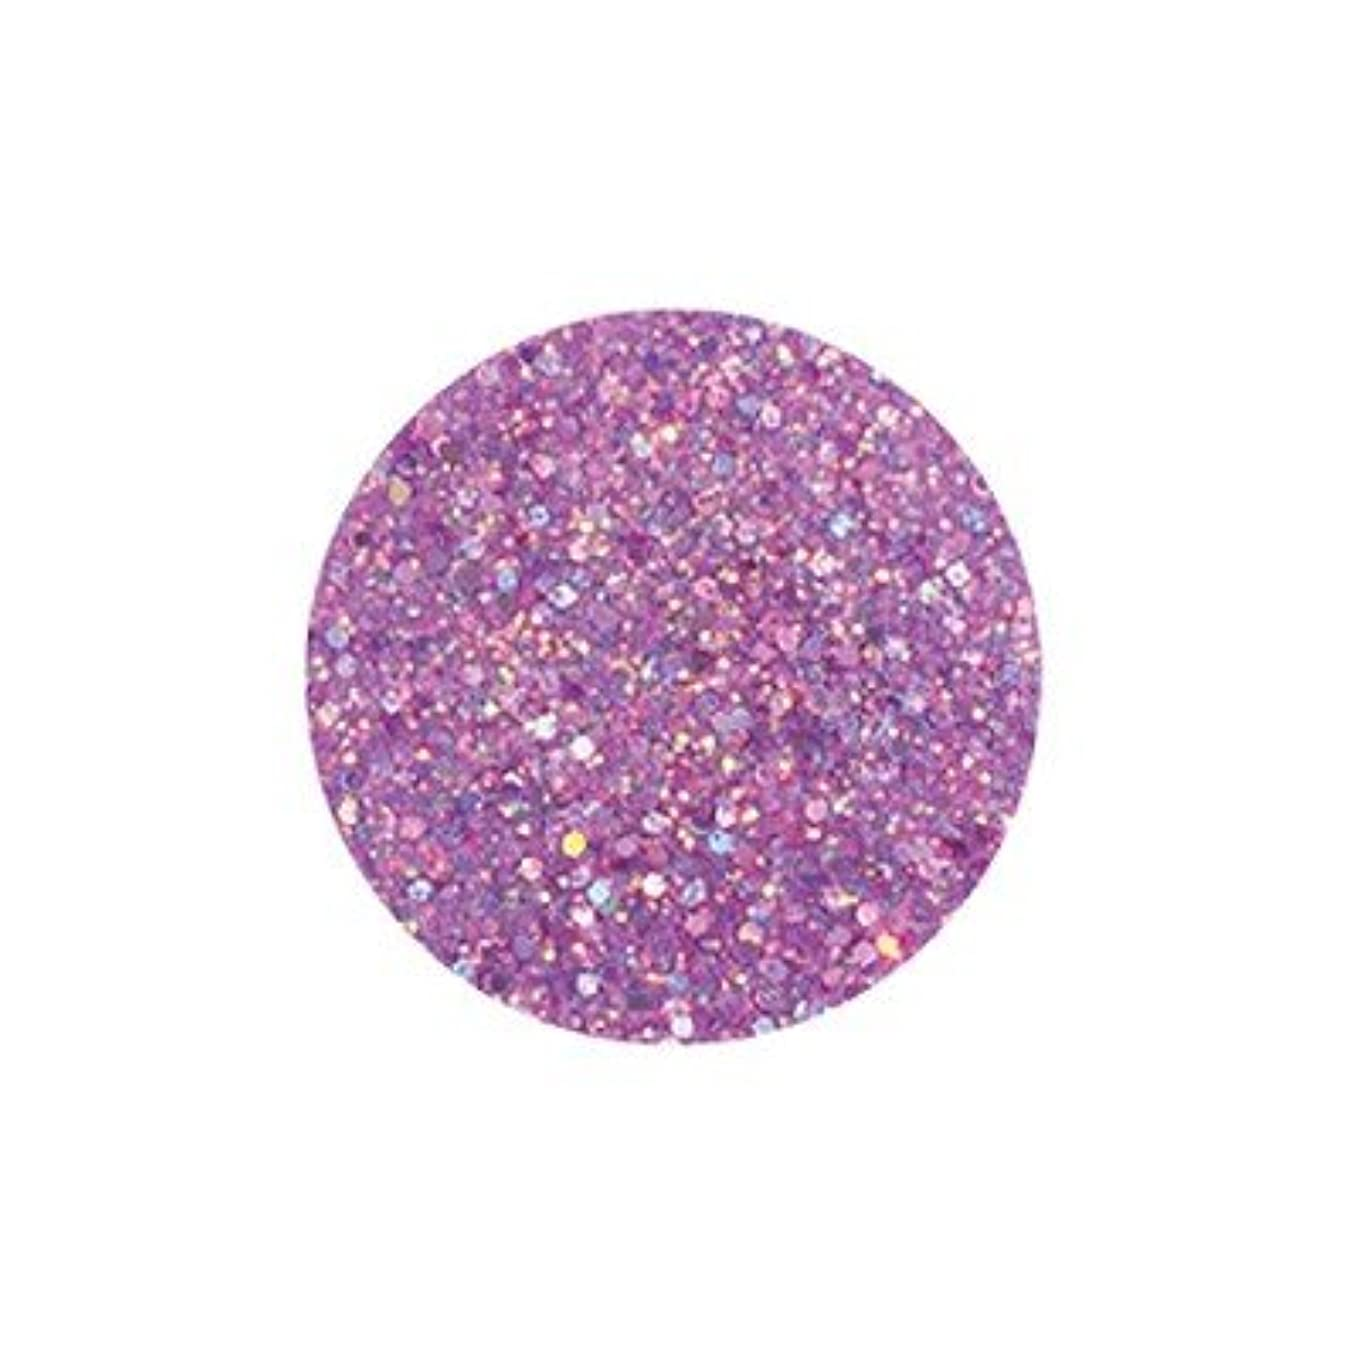 数学到着自治的FANTASY NAIL ダイヤモンドコレクション 3g 4258XS カラーパウダー アート材